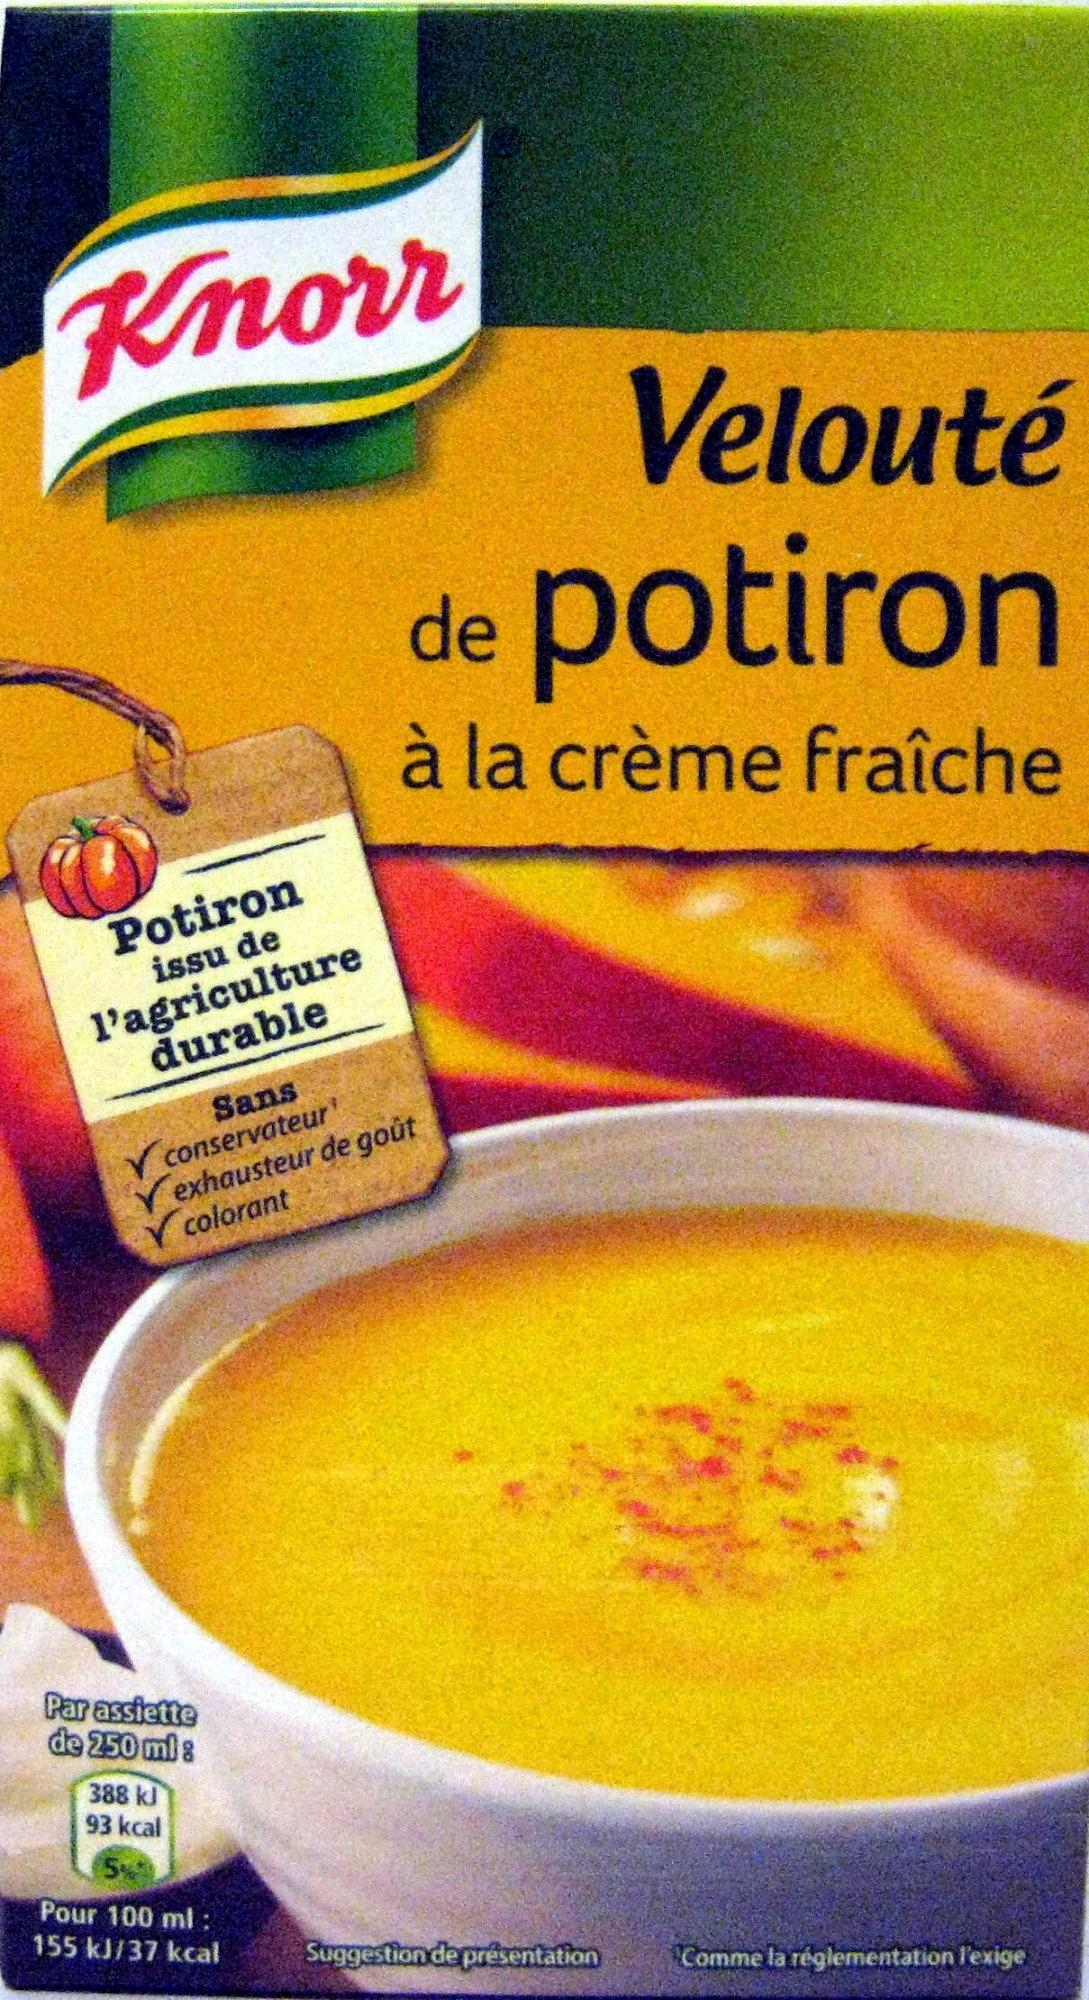 Velouté de potiron à la crème fraîche - Prodotto - fr